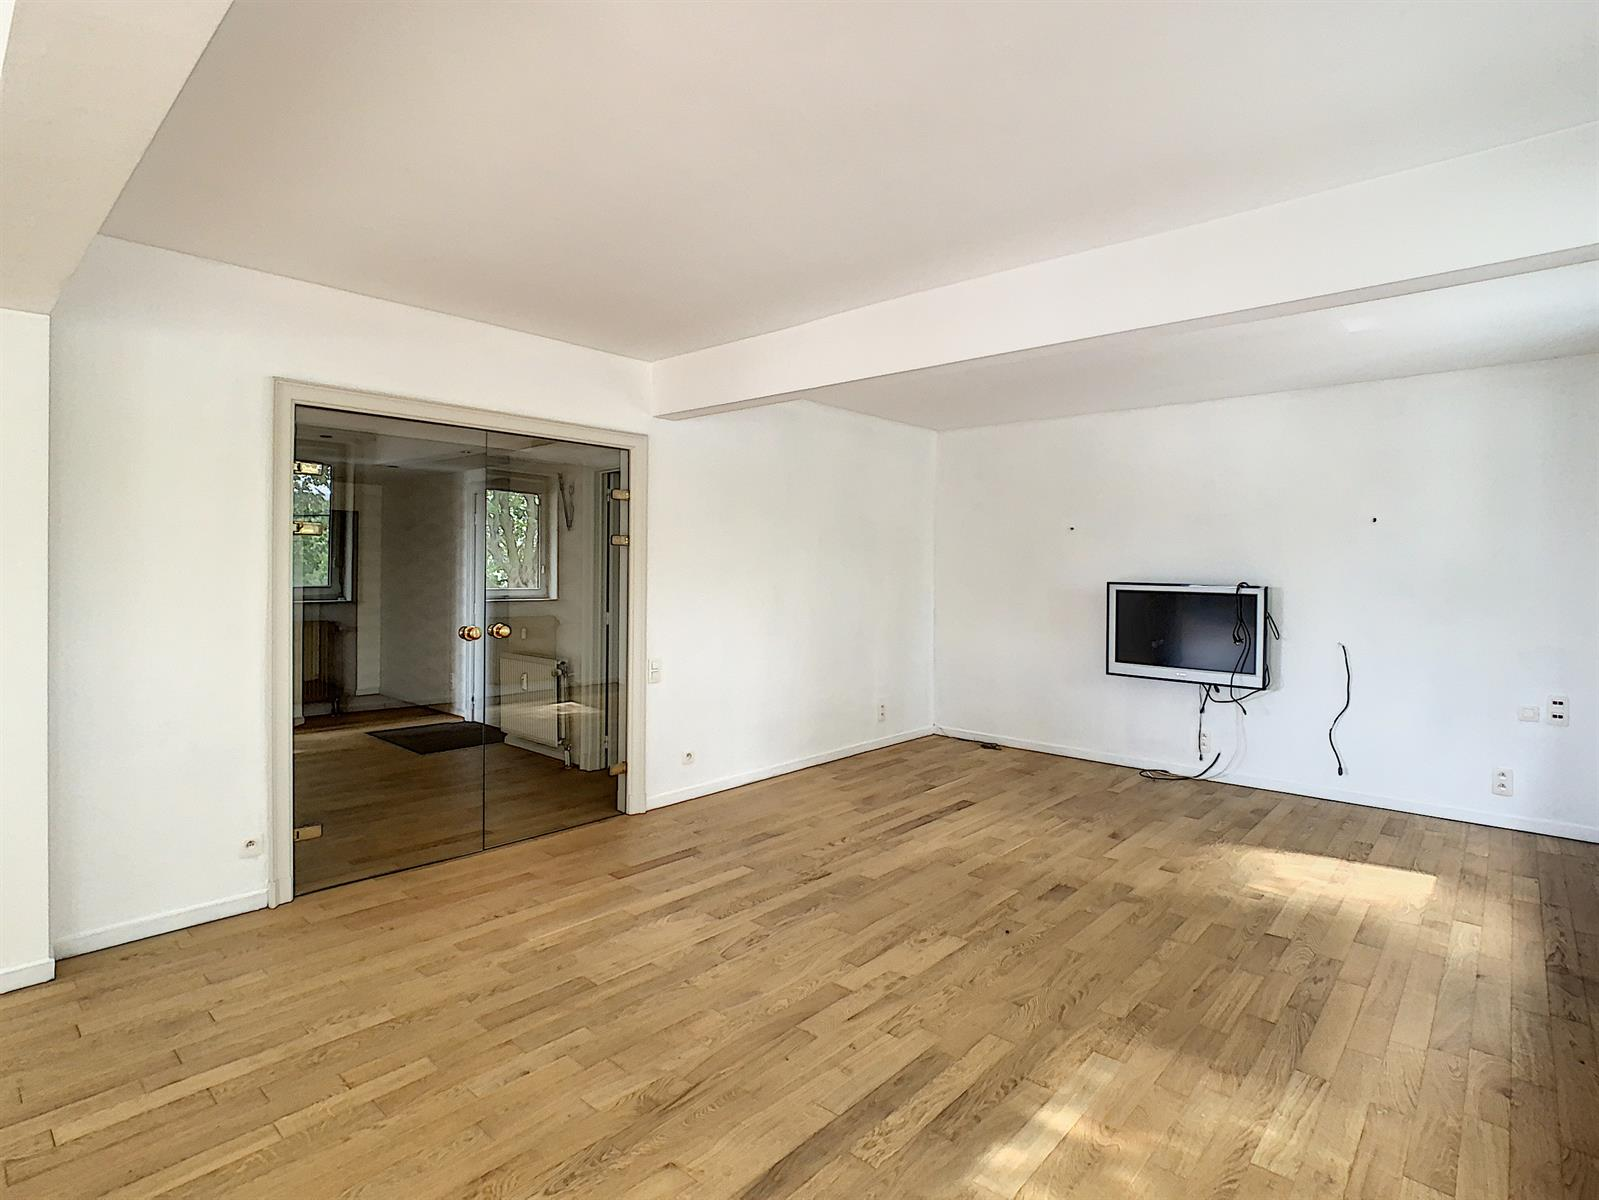 Appartement 4 chambres et 2 emplacements de parking !